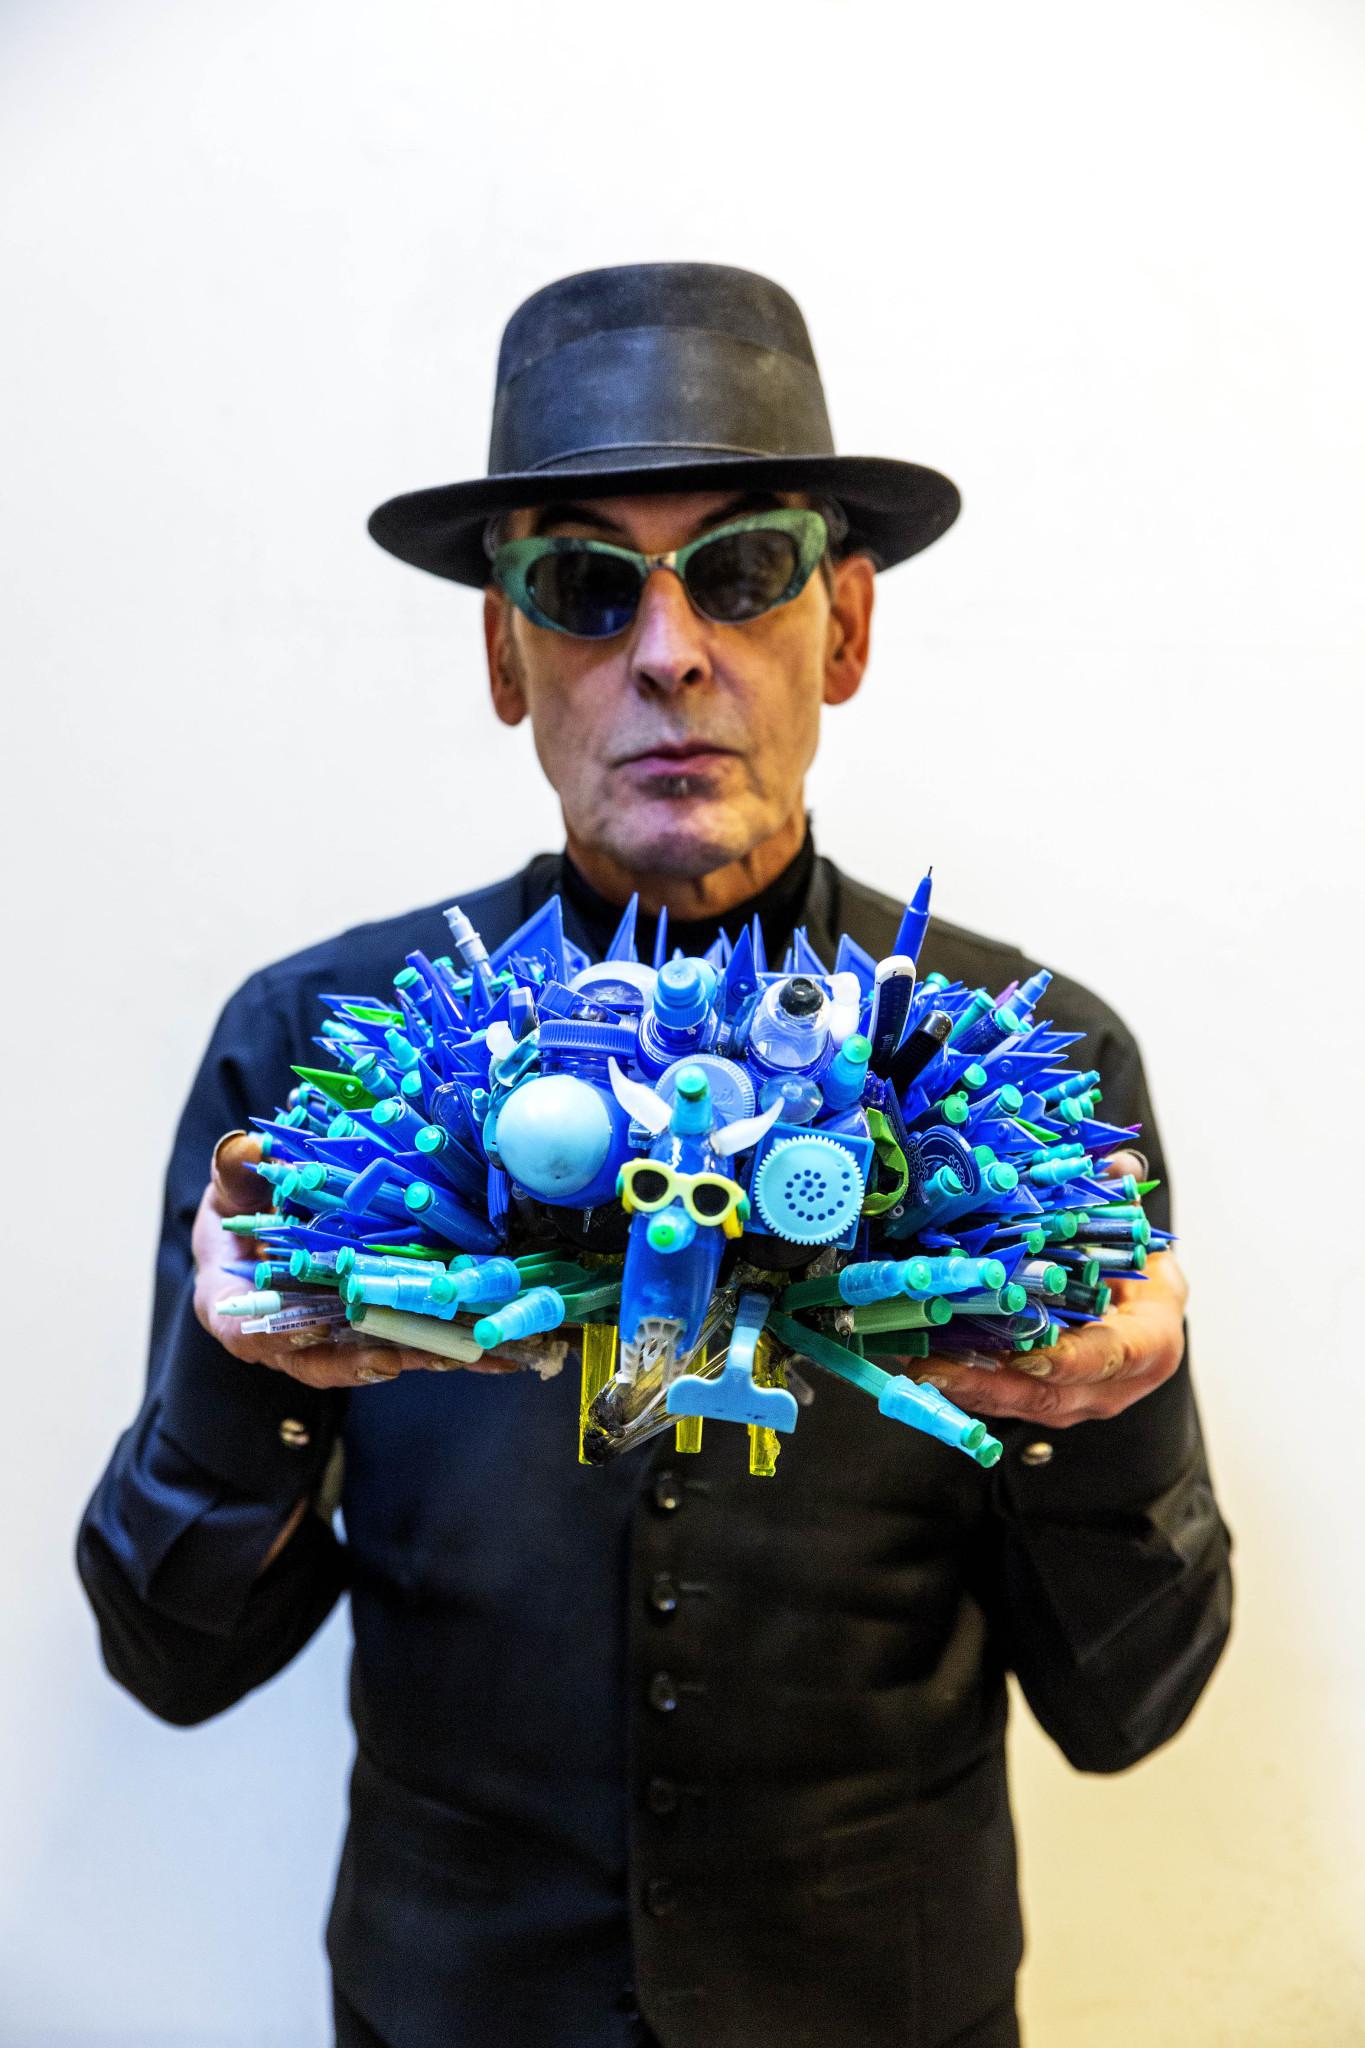 Justus Anton (Jules) Deelder (Rotterdam, 24 november 1944) is een Nederlandse dichter, voordrachtskunstenaar of performer en schrijver. In zijn handen een kunstwerk door hem gemaakt van plastic afval. foto VINCENT MENTZEL. Nederland. Rotterdam, 7 november 2016